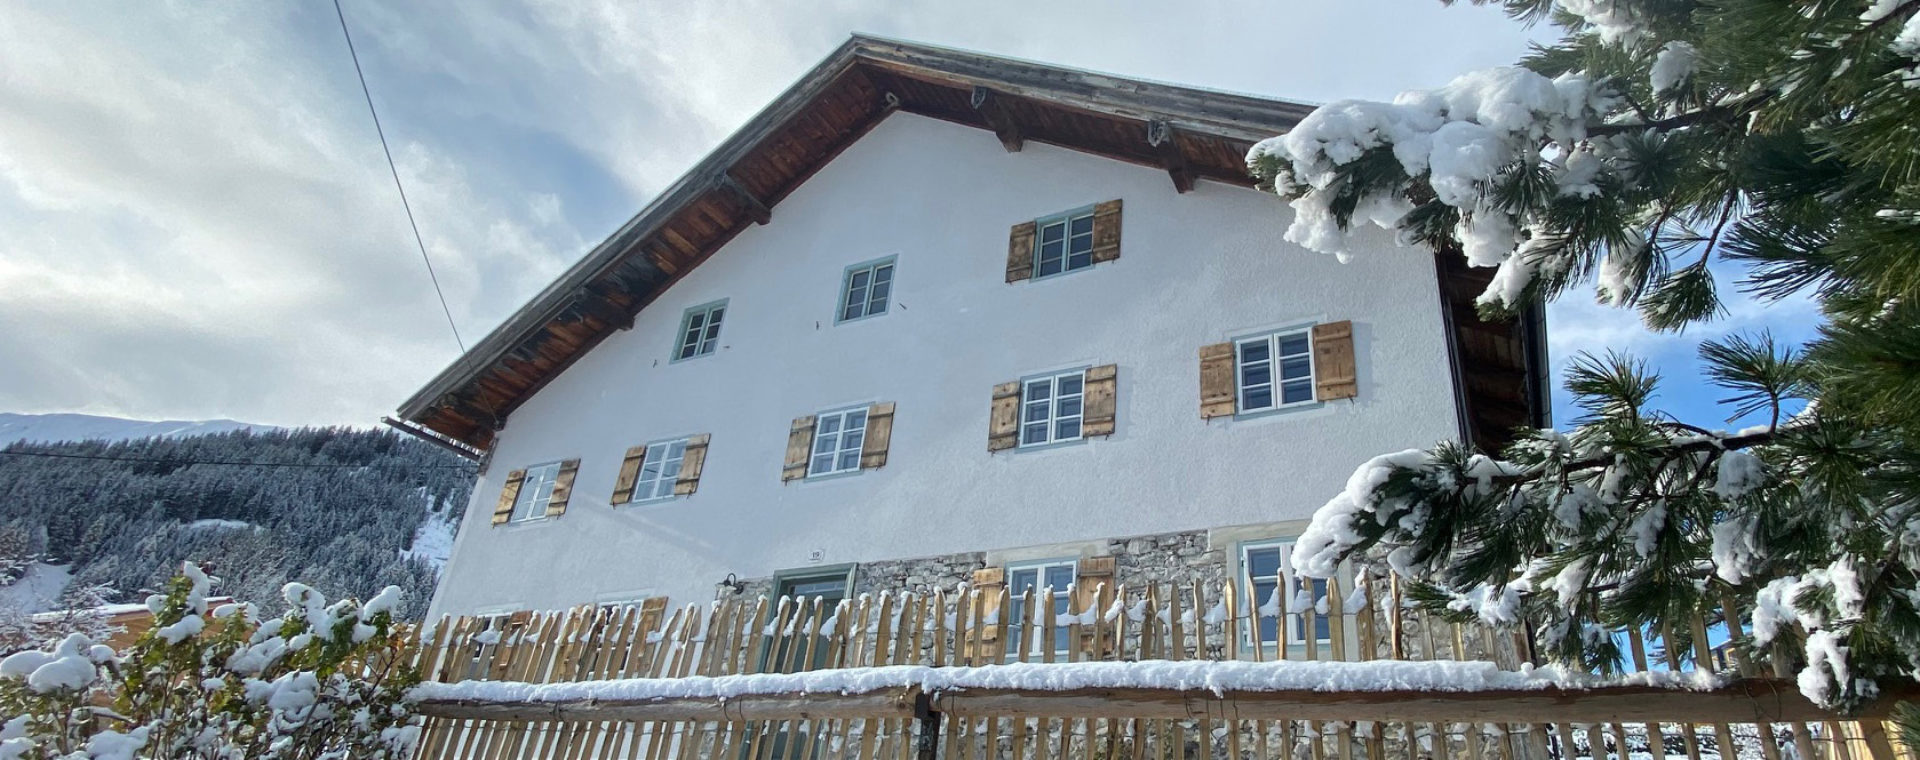 Ferienhaus Berwang Neunzehn